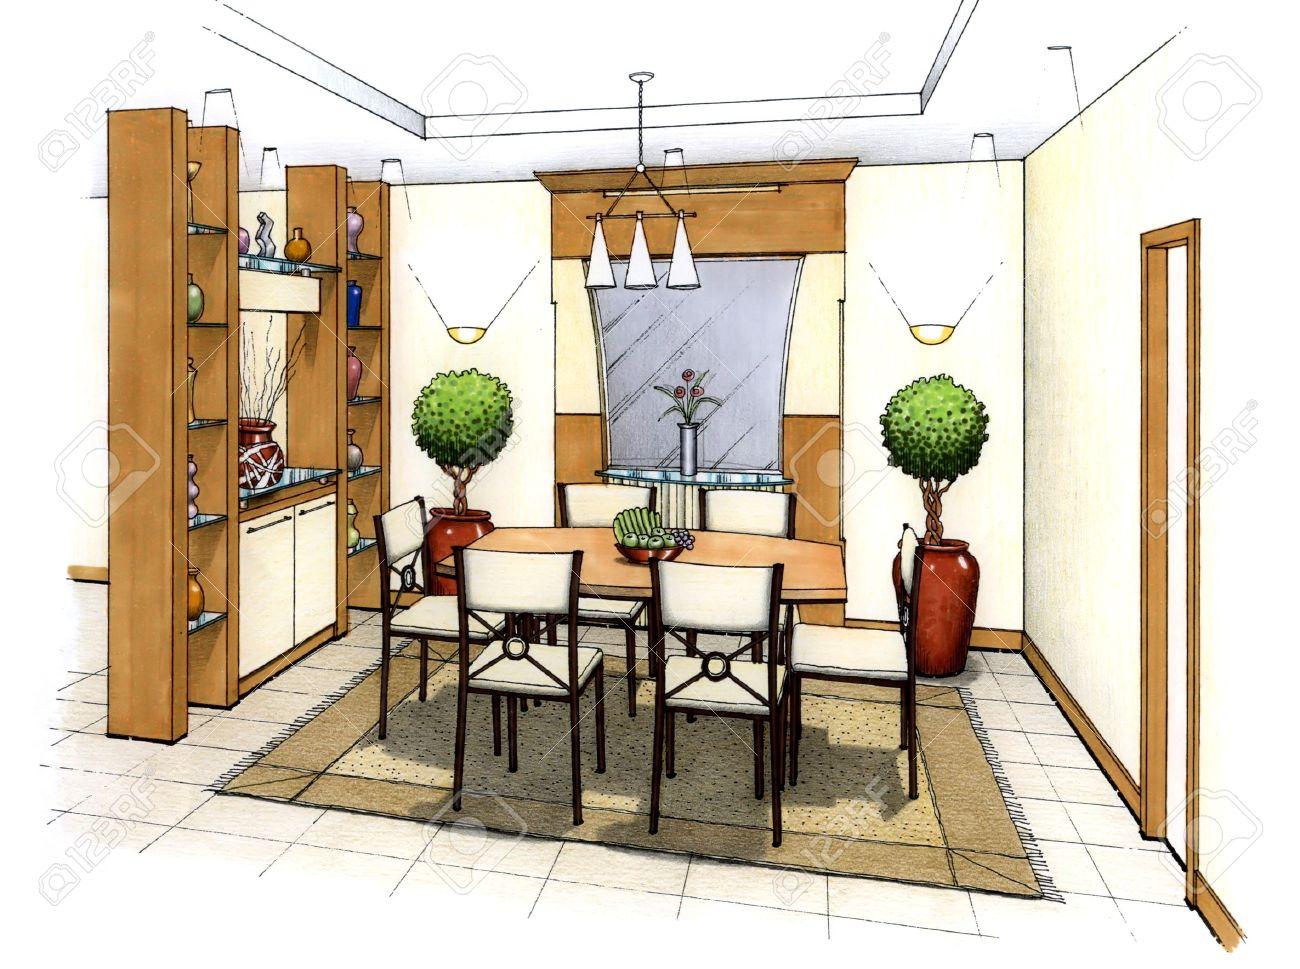 Un Artista De La Simple Boceto De Un Diseño Interior De Un Salón